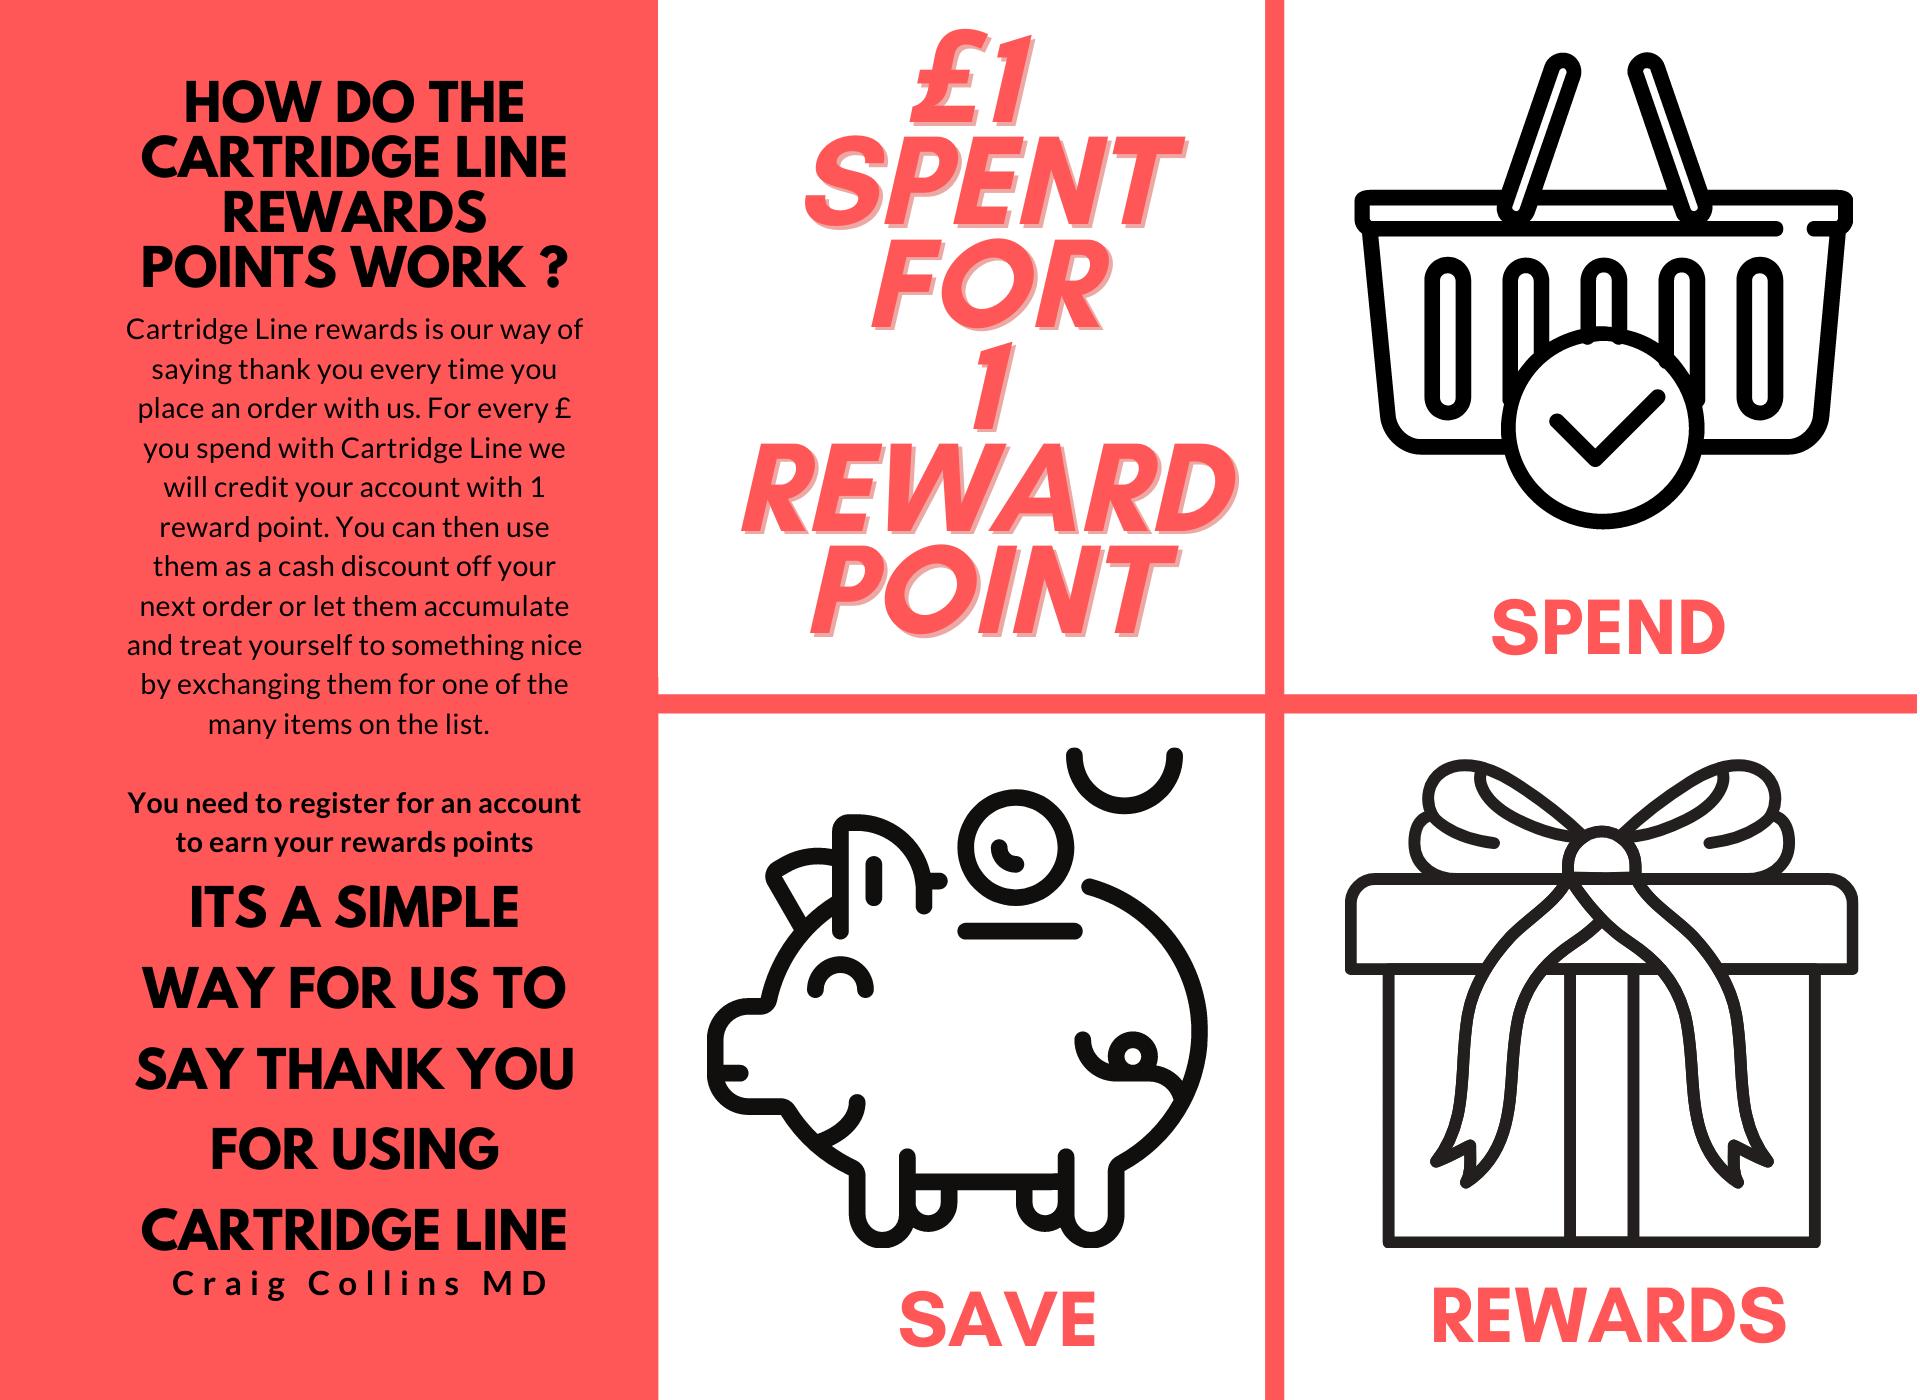 Rewards Points information